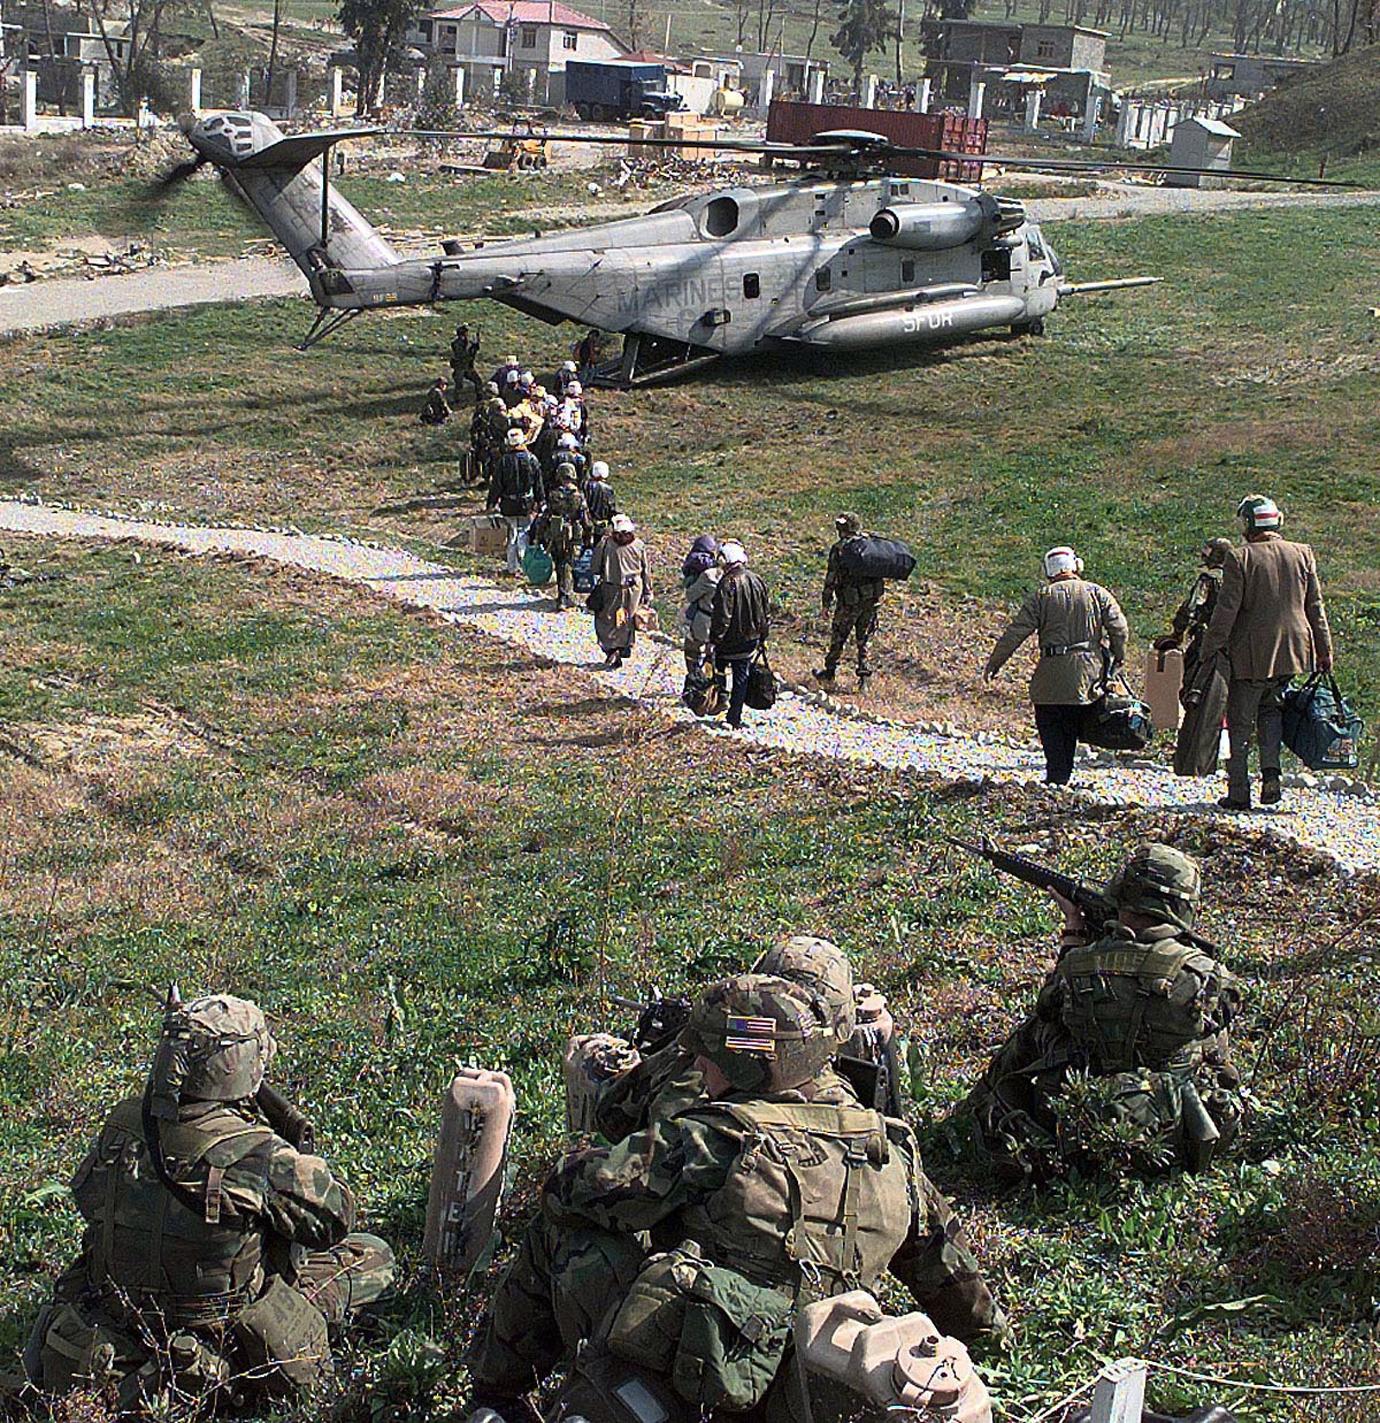 Эвакуация граждан США из Албании во время столкновений в марте 1997 года